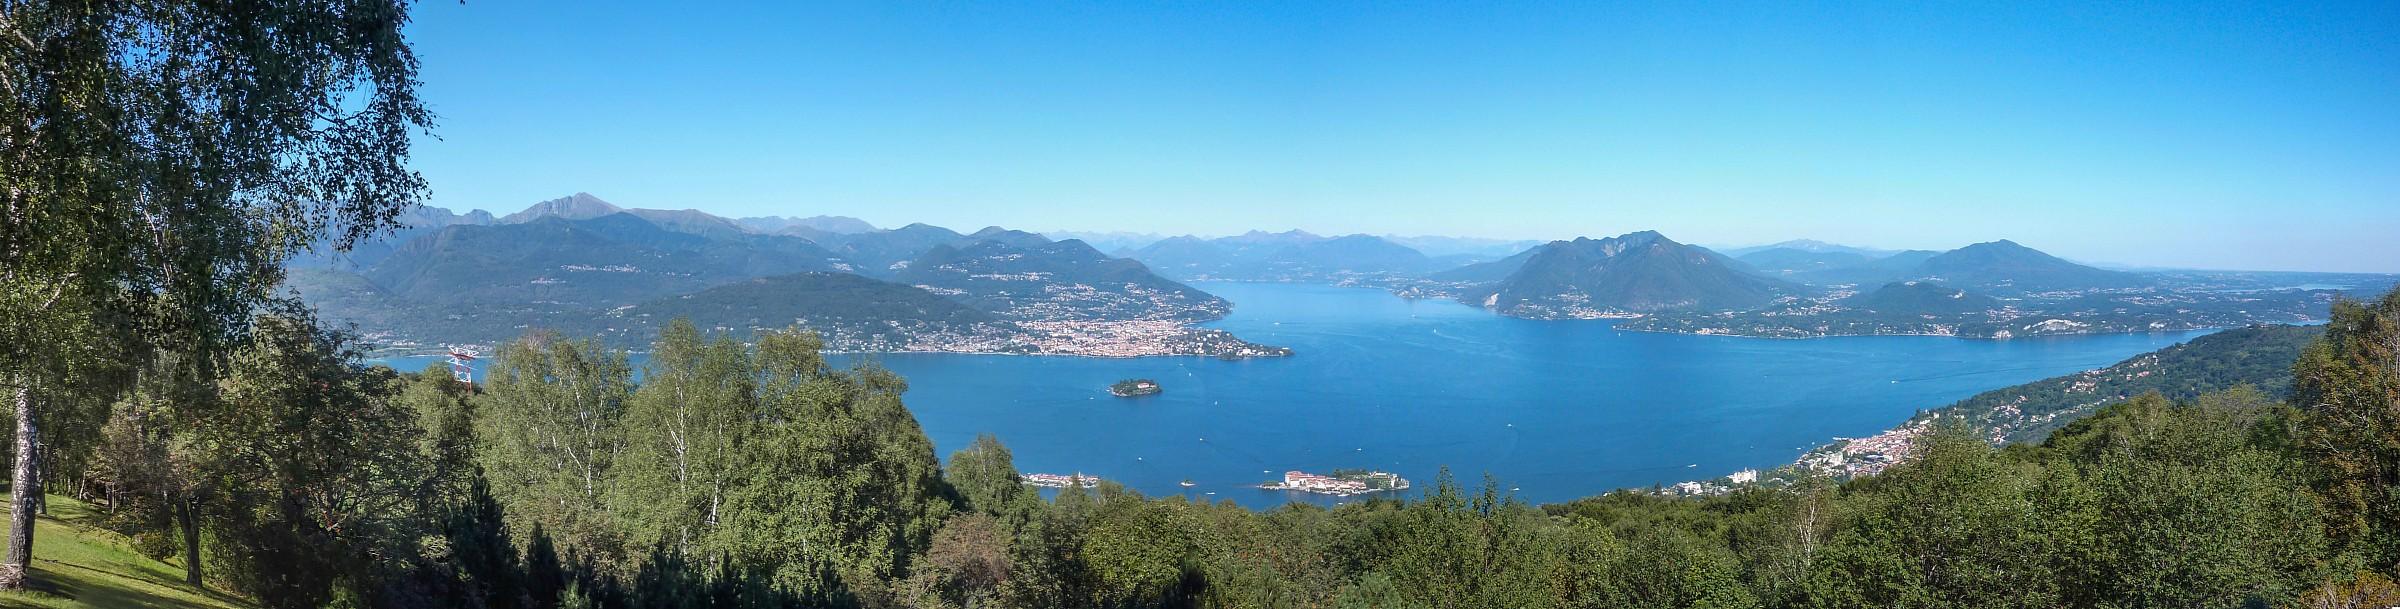 Panoramica del Lago Maggiore da Gignese...